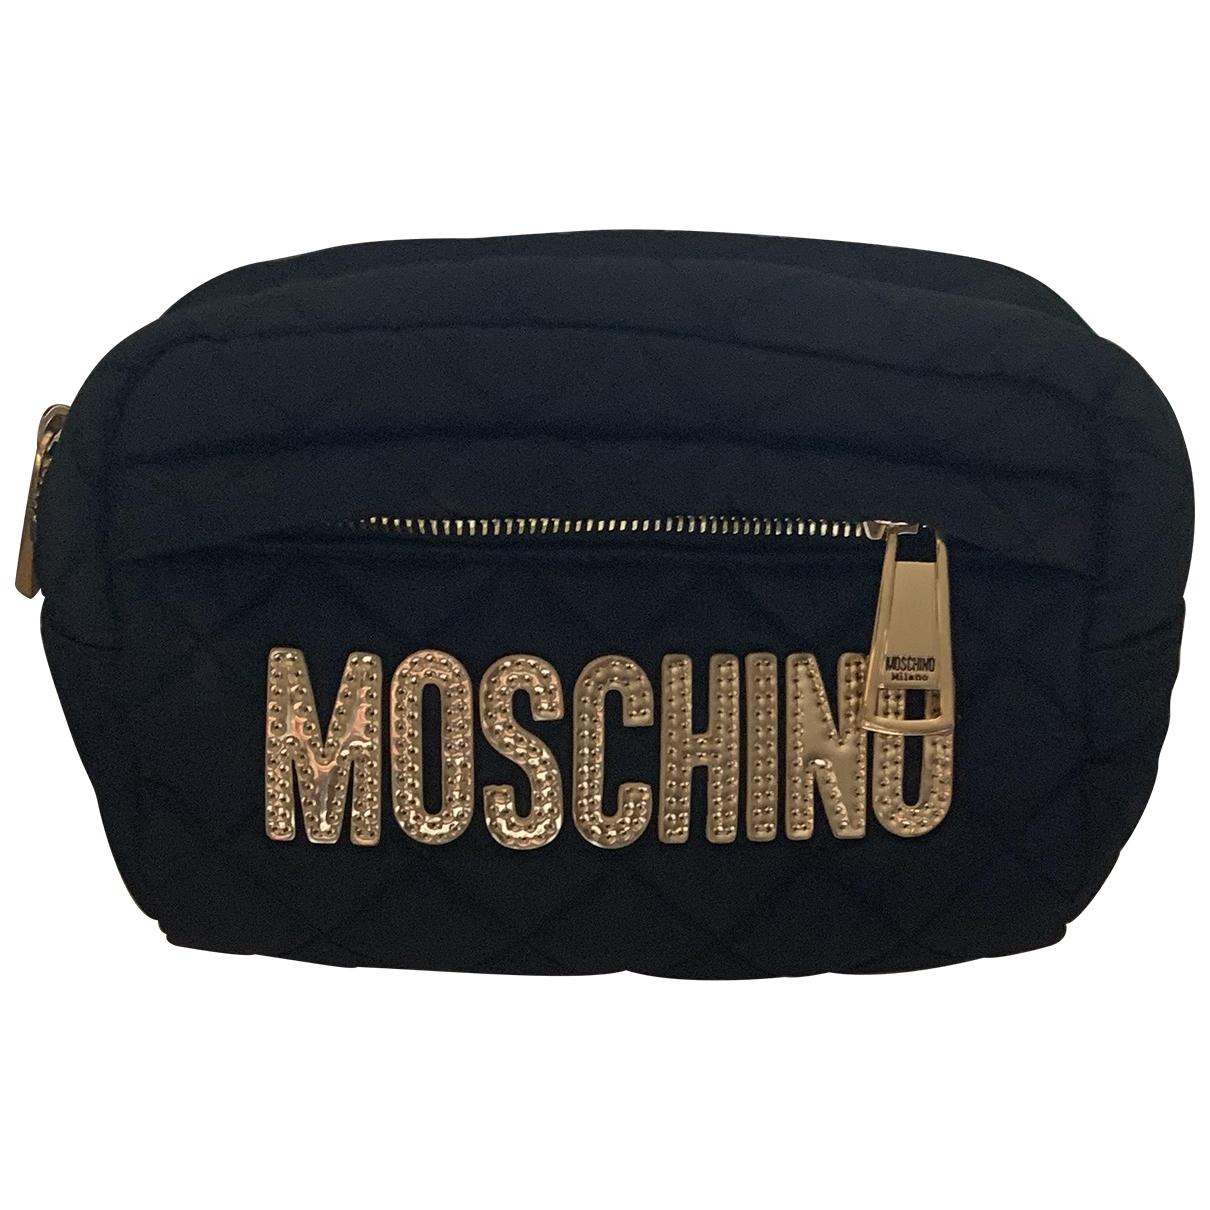 Bolsos clutch en Sintetico Negro Moschino